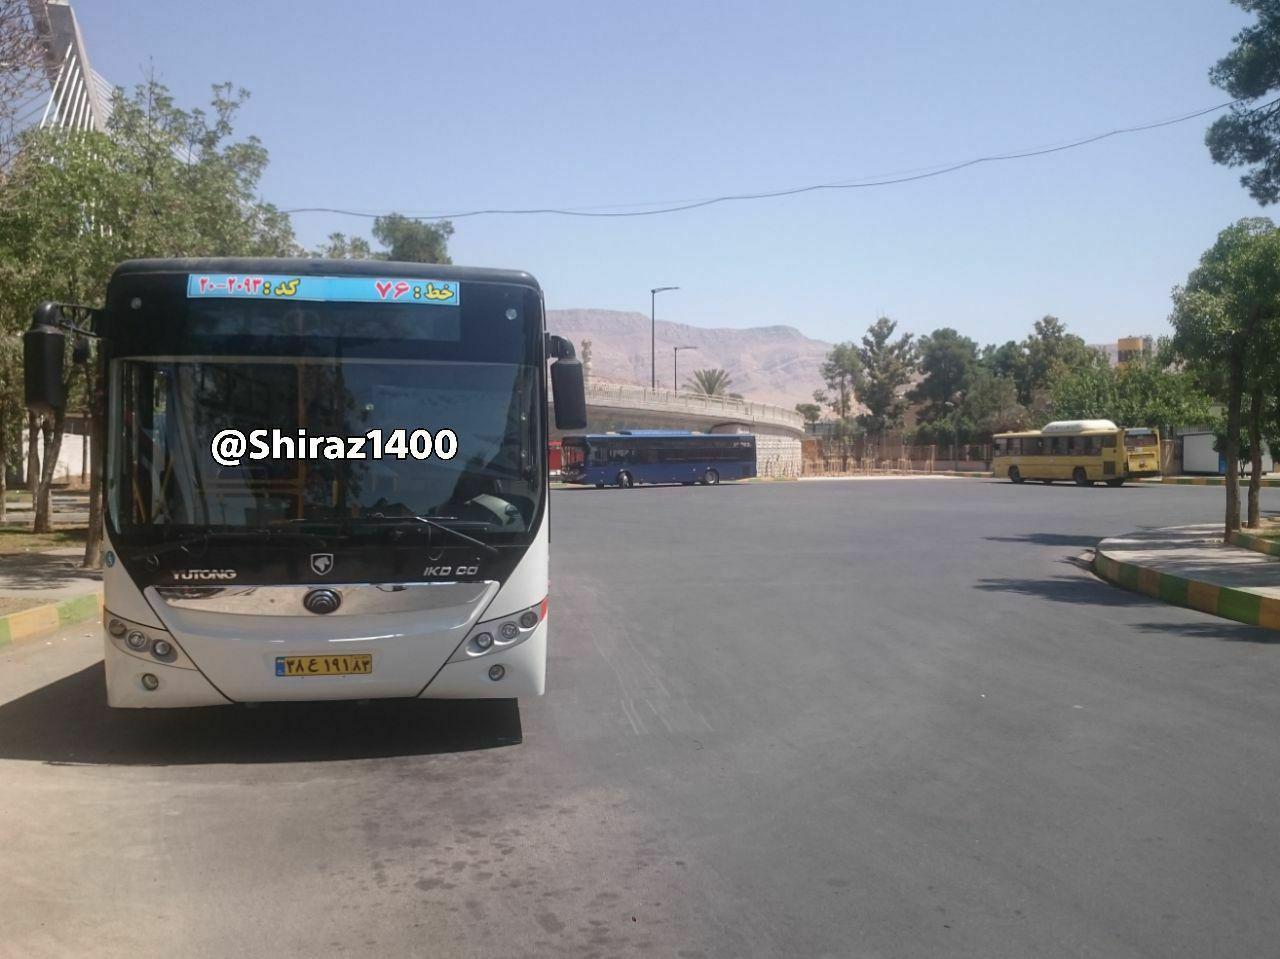 افزایش ۱۵ درصدی نرخ کرایه تاکسی و اتوبوس در شیراز